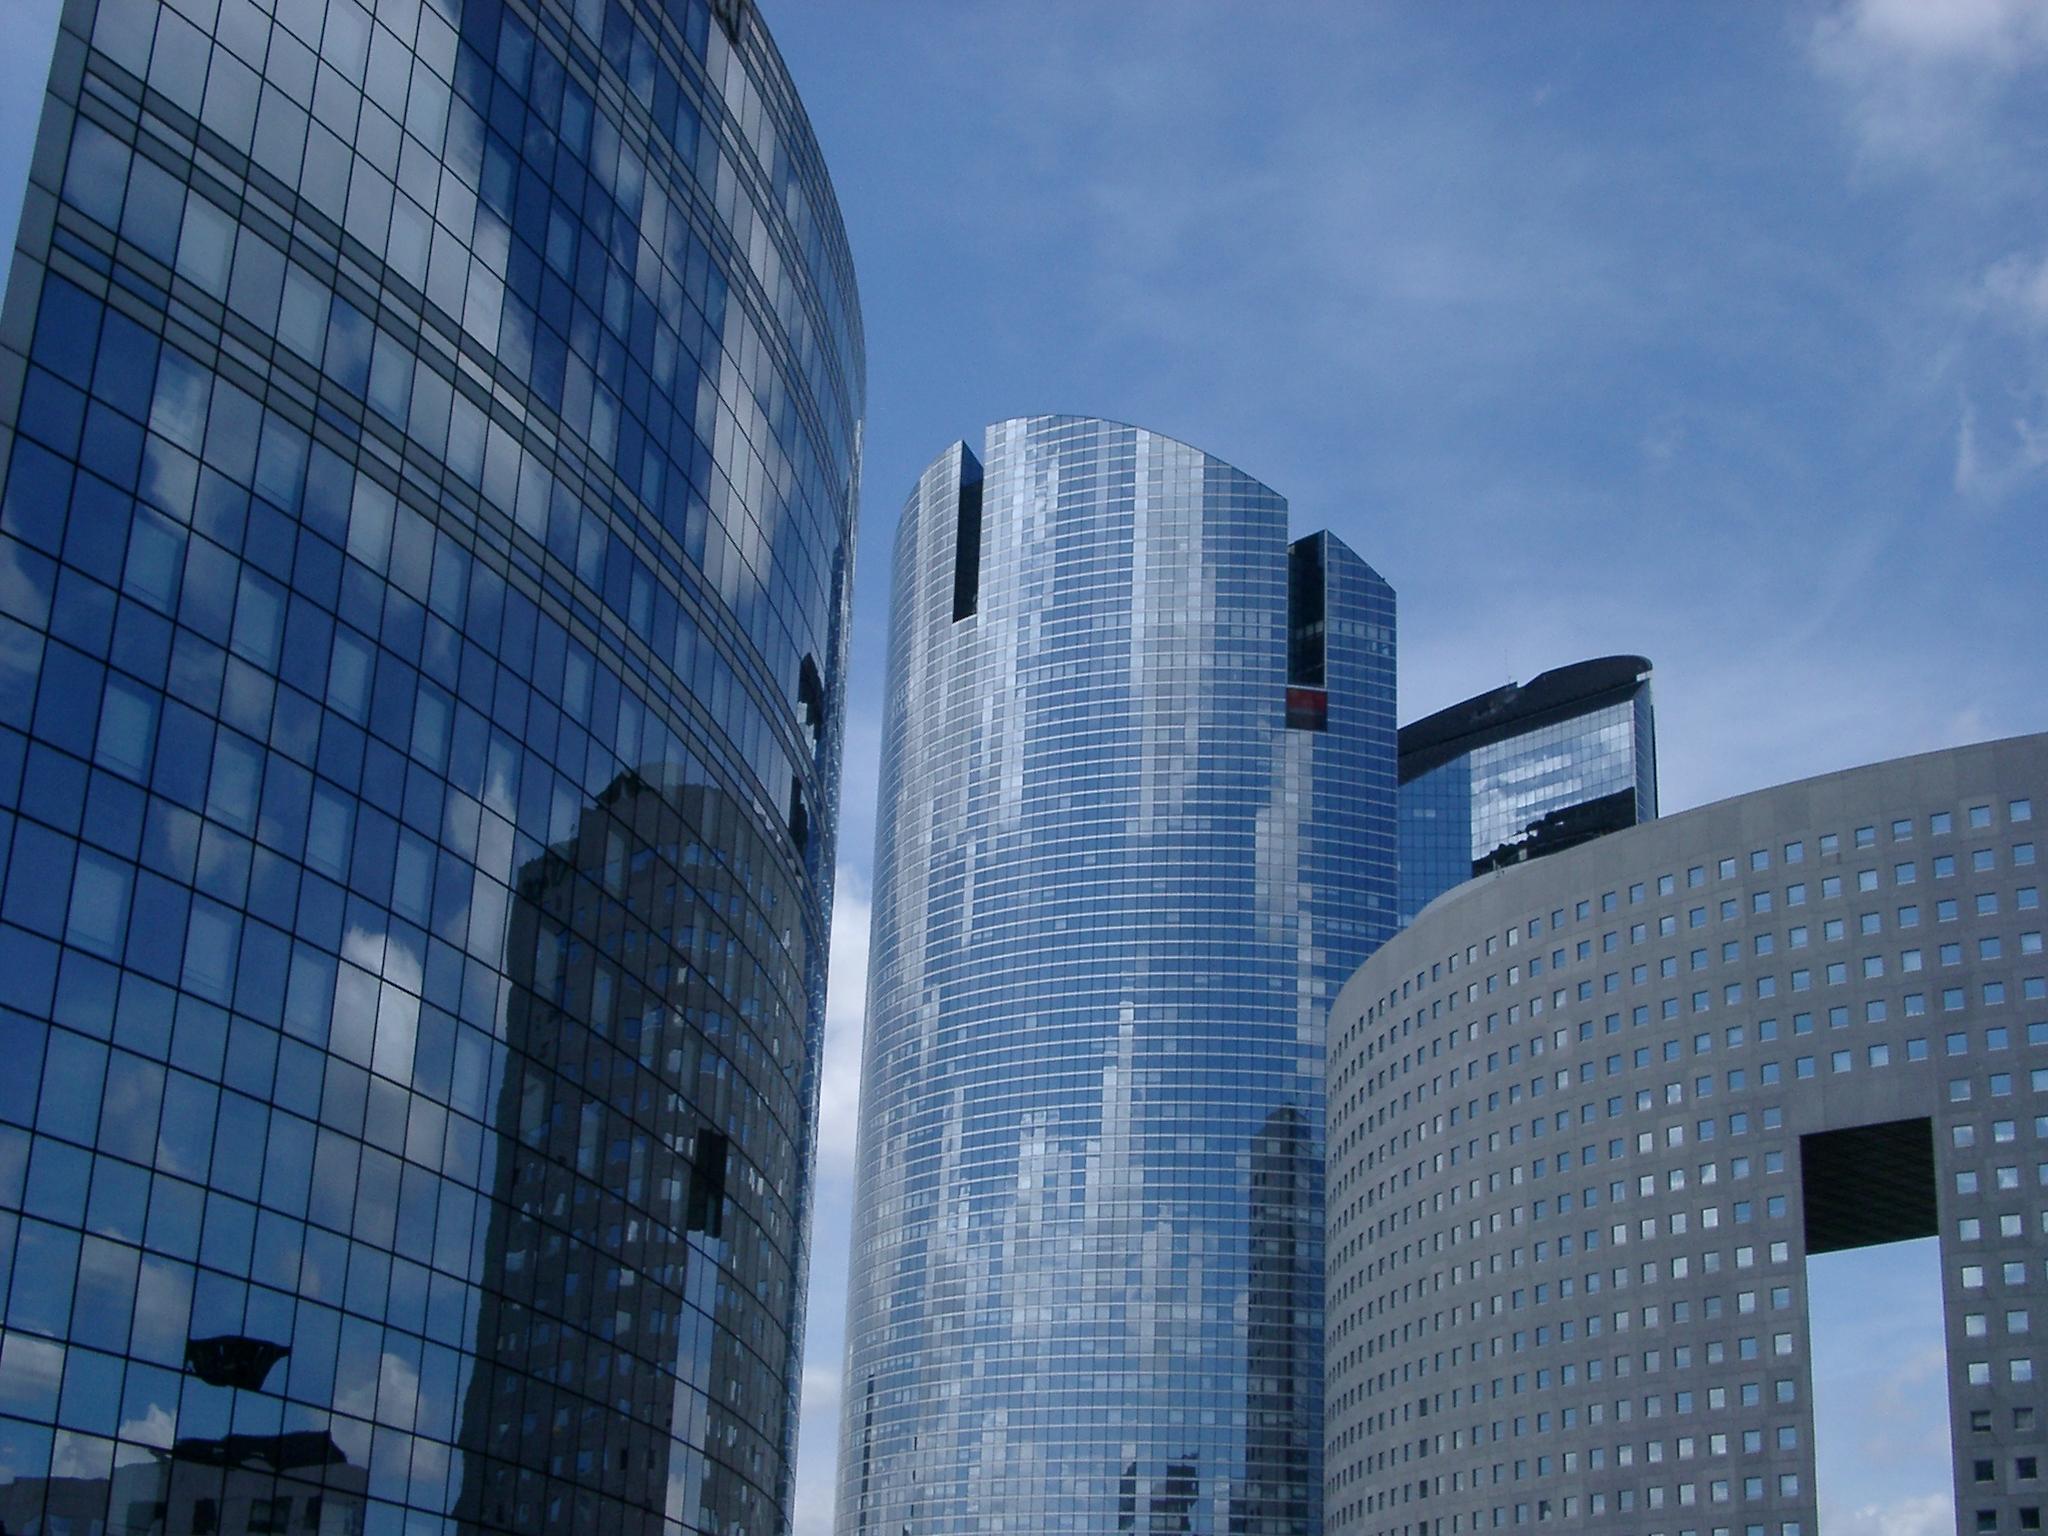 office_buildings2958.jpg